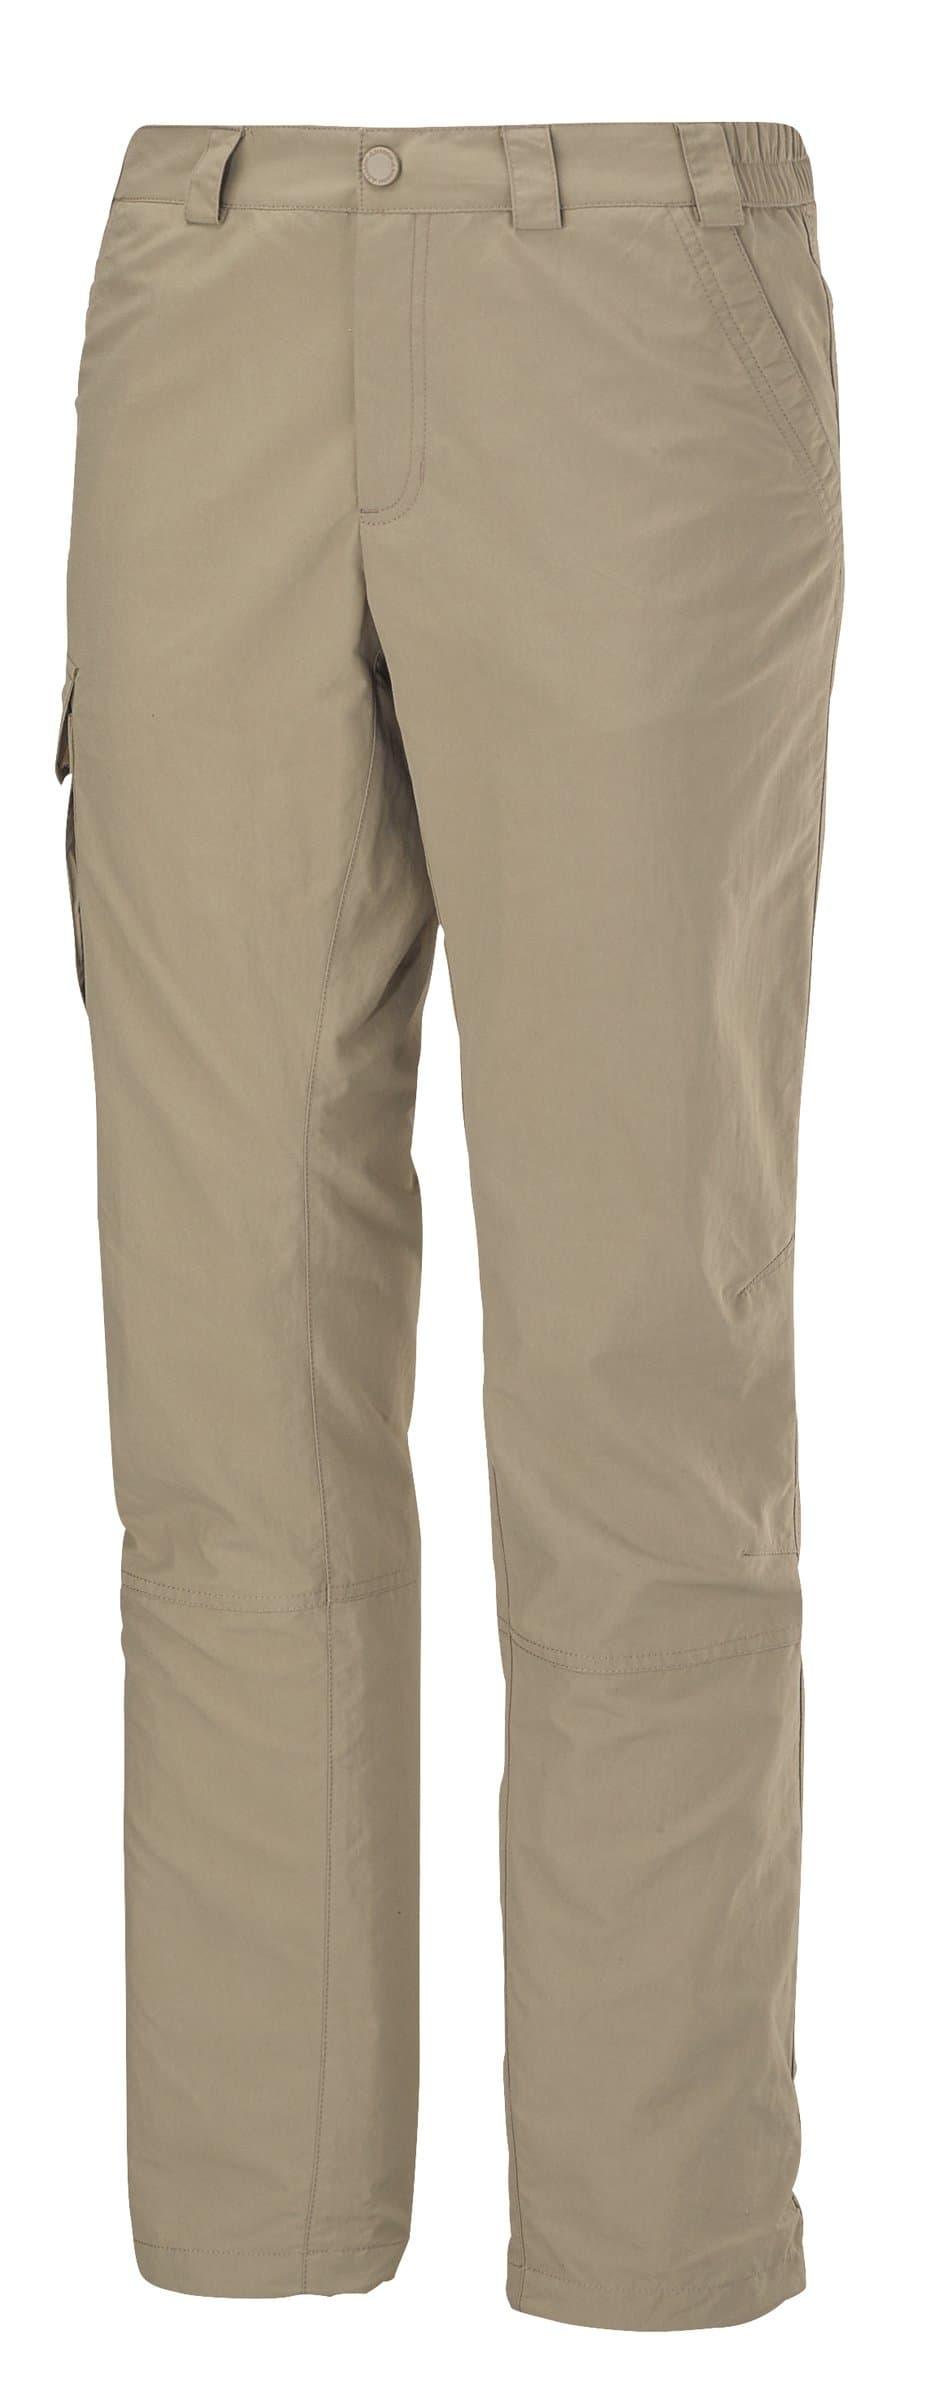 Schöffel Aarhus Pantaloni da trekking da uomo